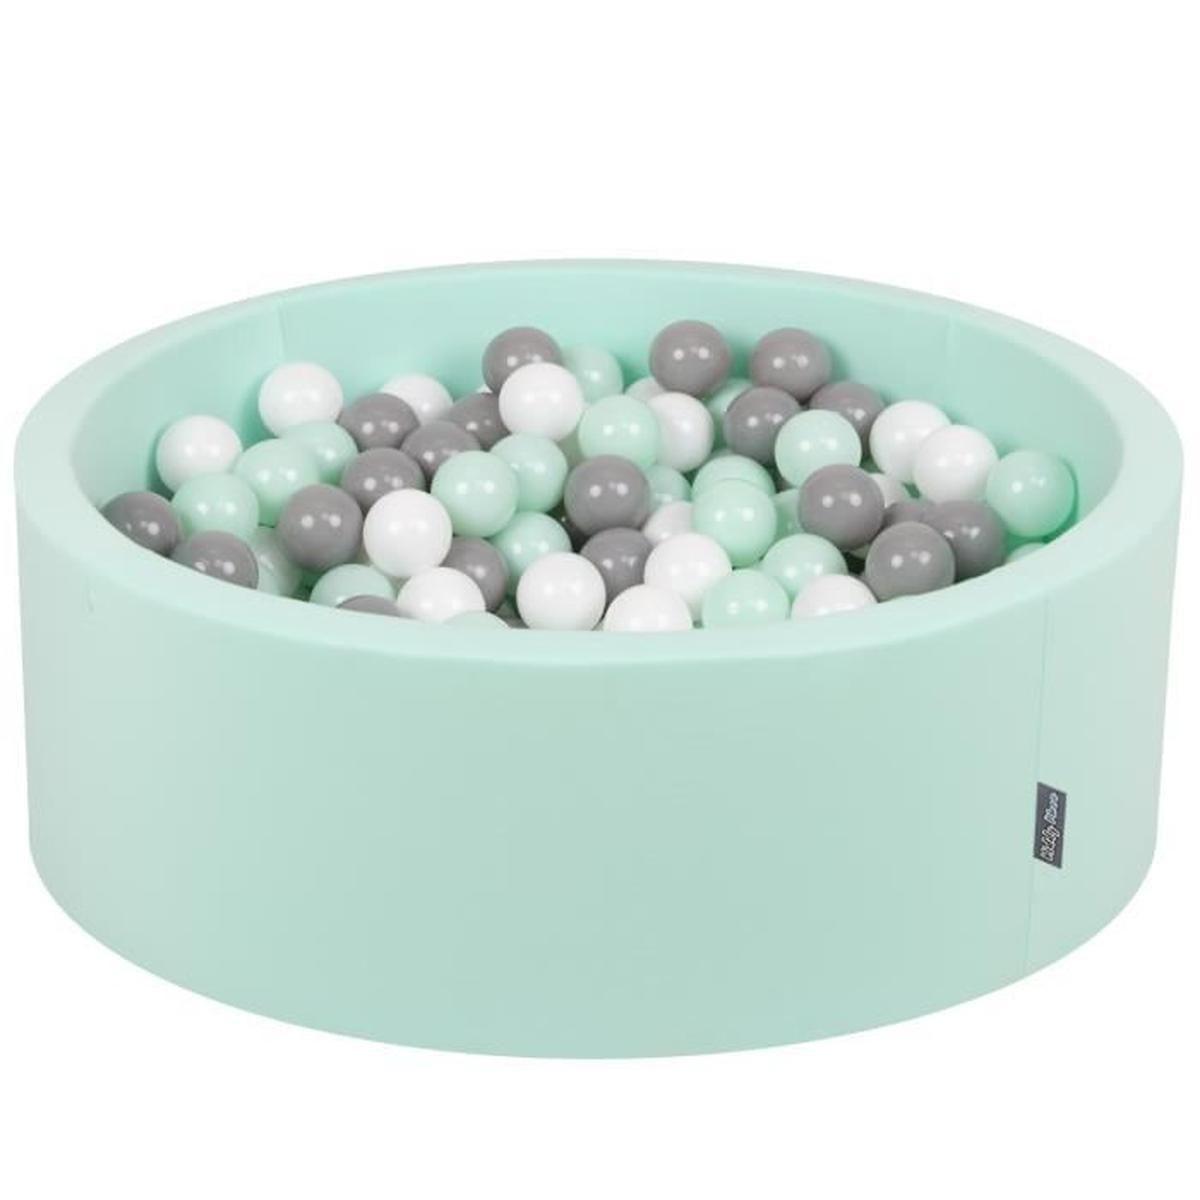 Kiddymoon 90X30Cm/200 Balles ∅ 7Cm Piscine À Balles Pour ... dedans Piscine À Balle